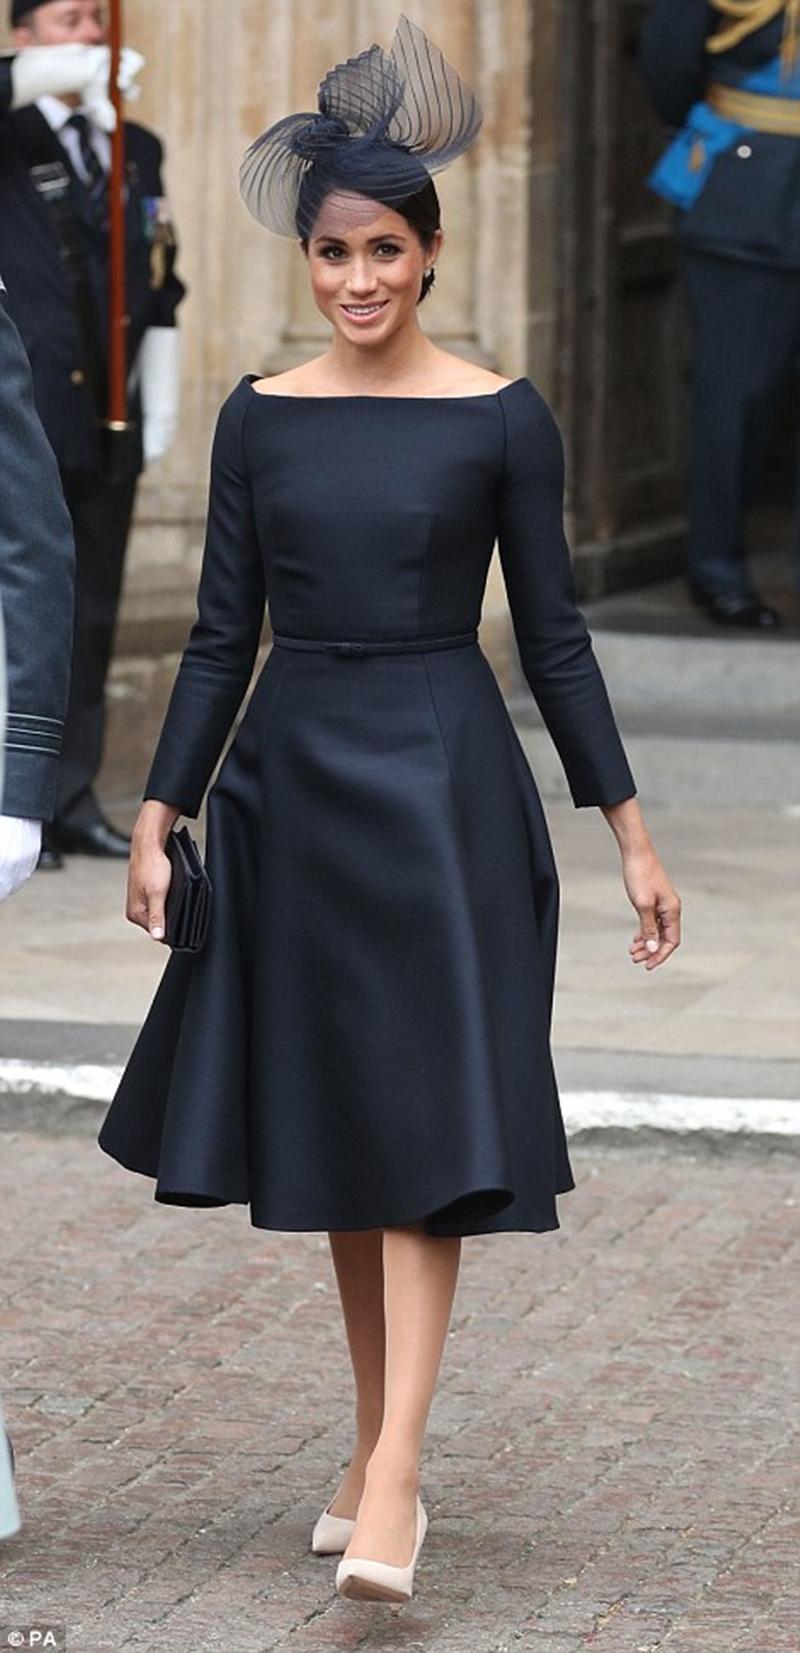 Ngay sau đó, công nương tiếp tục thay một bộ váy màu đen tuyền sang trọng, kết hợp mũ lưới được thiết kế bởi Stephen Jones, khi đến dự lễ kỉ niệm 100 năm Không quân Hoàng gia ở cung điện Buckingham.